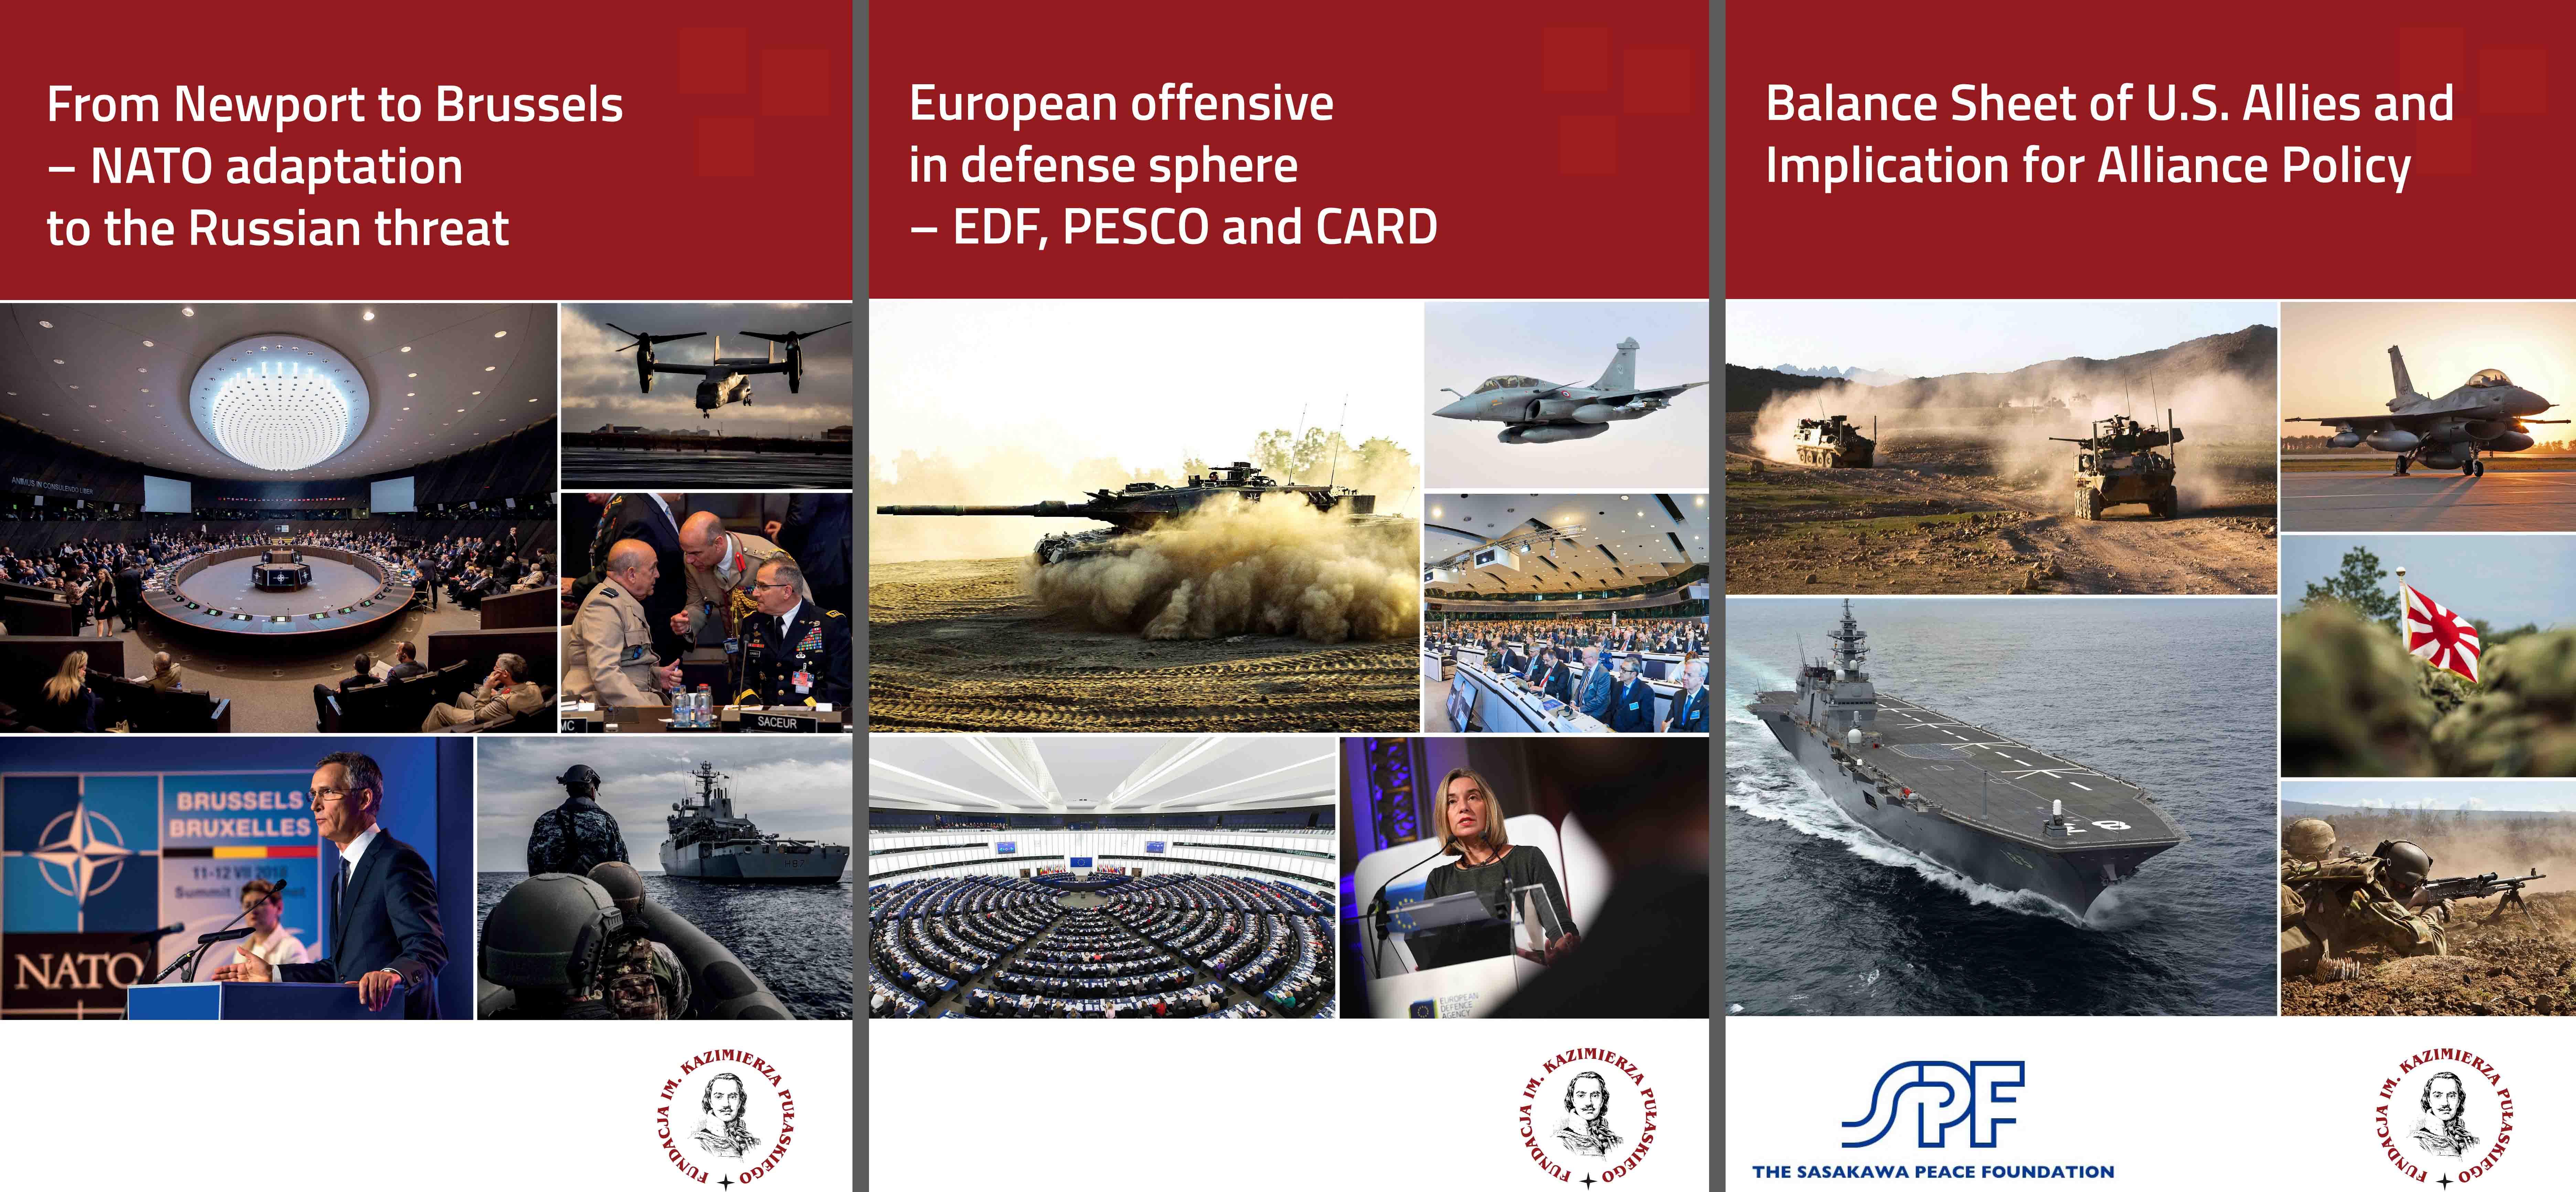 Europejskie programy obronne, adaptacja NATO dozagrożenia rosyjskiego orazanaliza relacji Transatlantyckich wybranych krajów – prezentacja nowych raportów podczas Warsaw Security Forum 2018